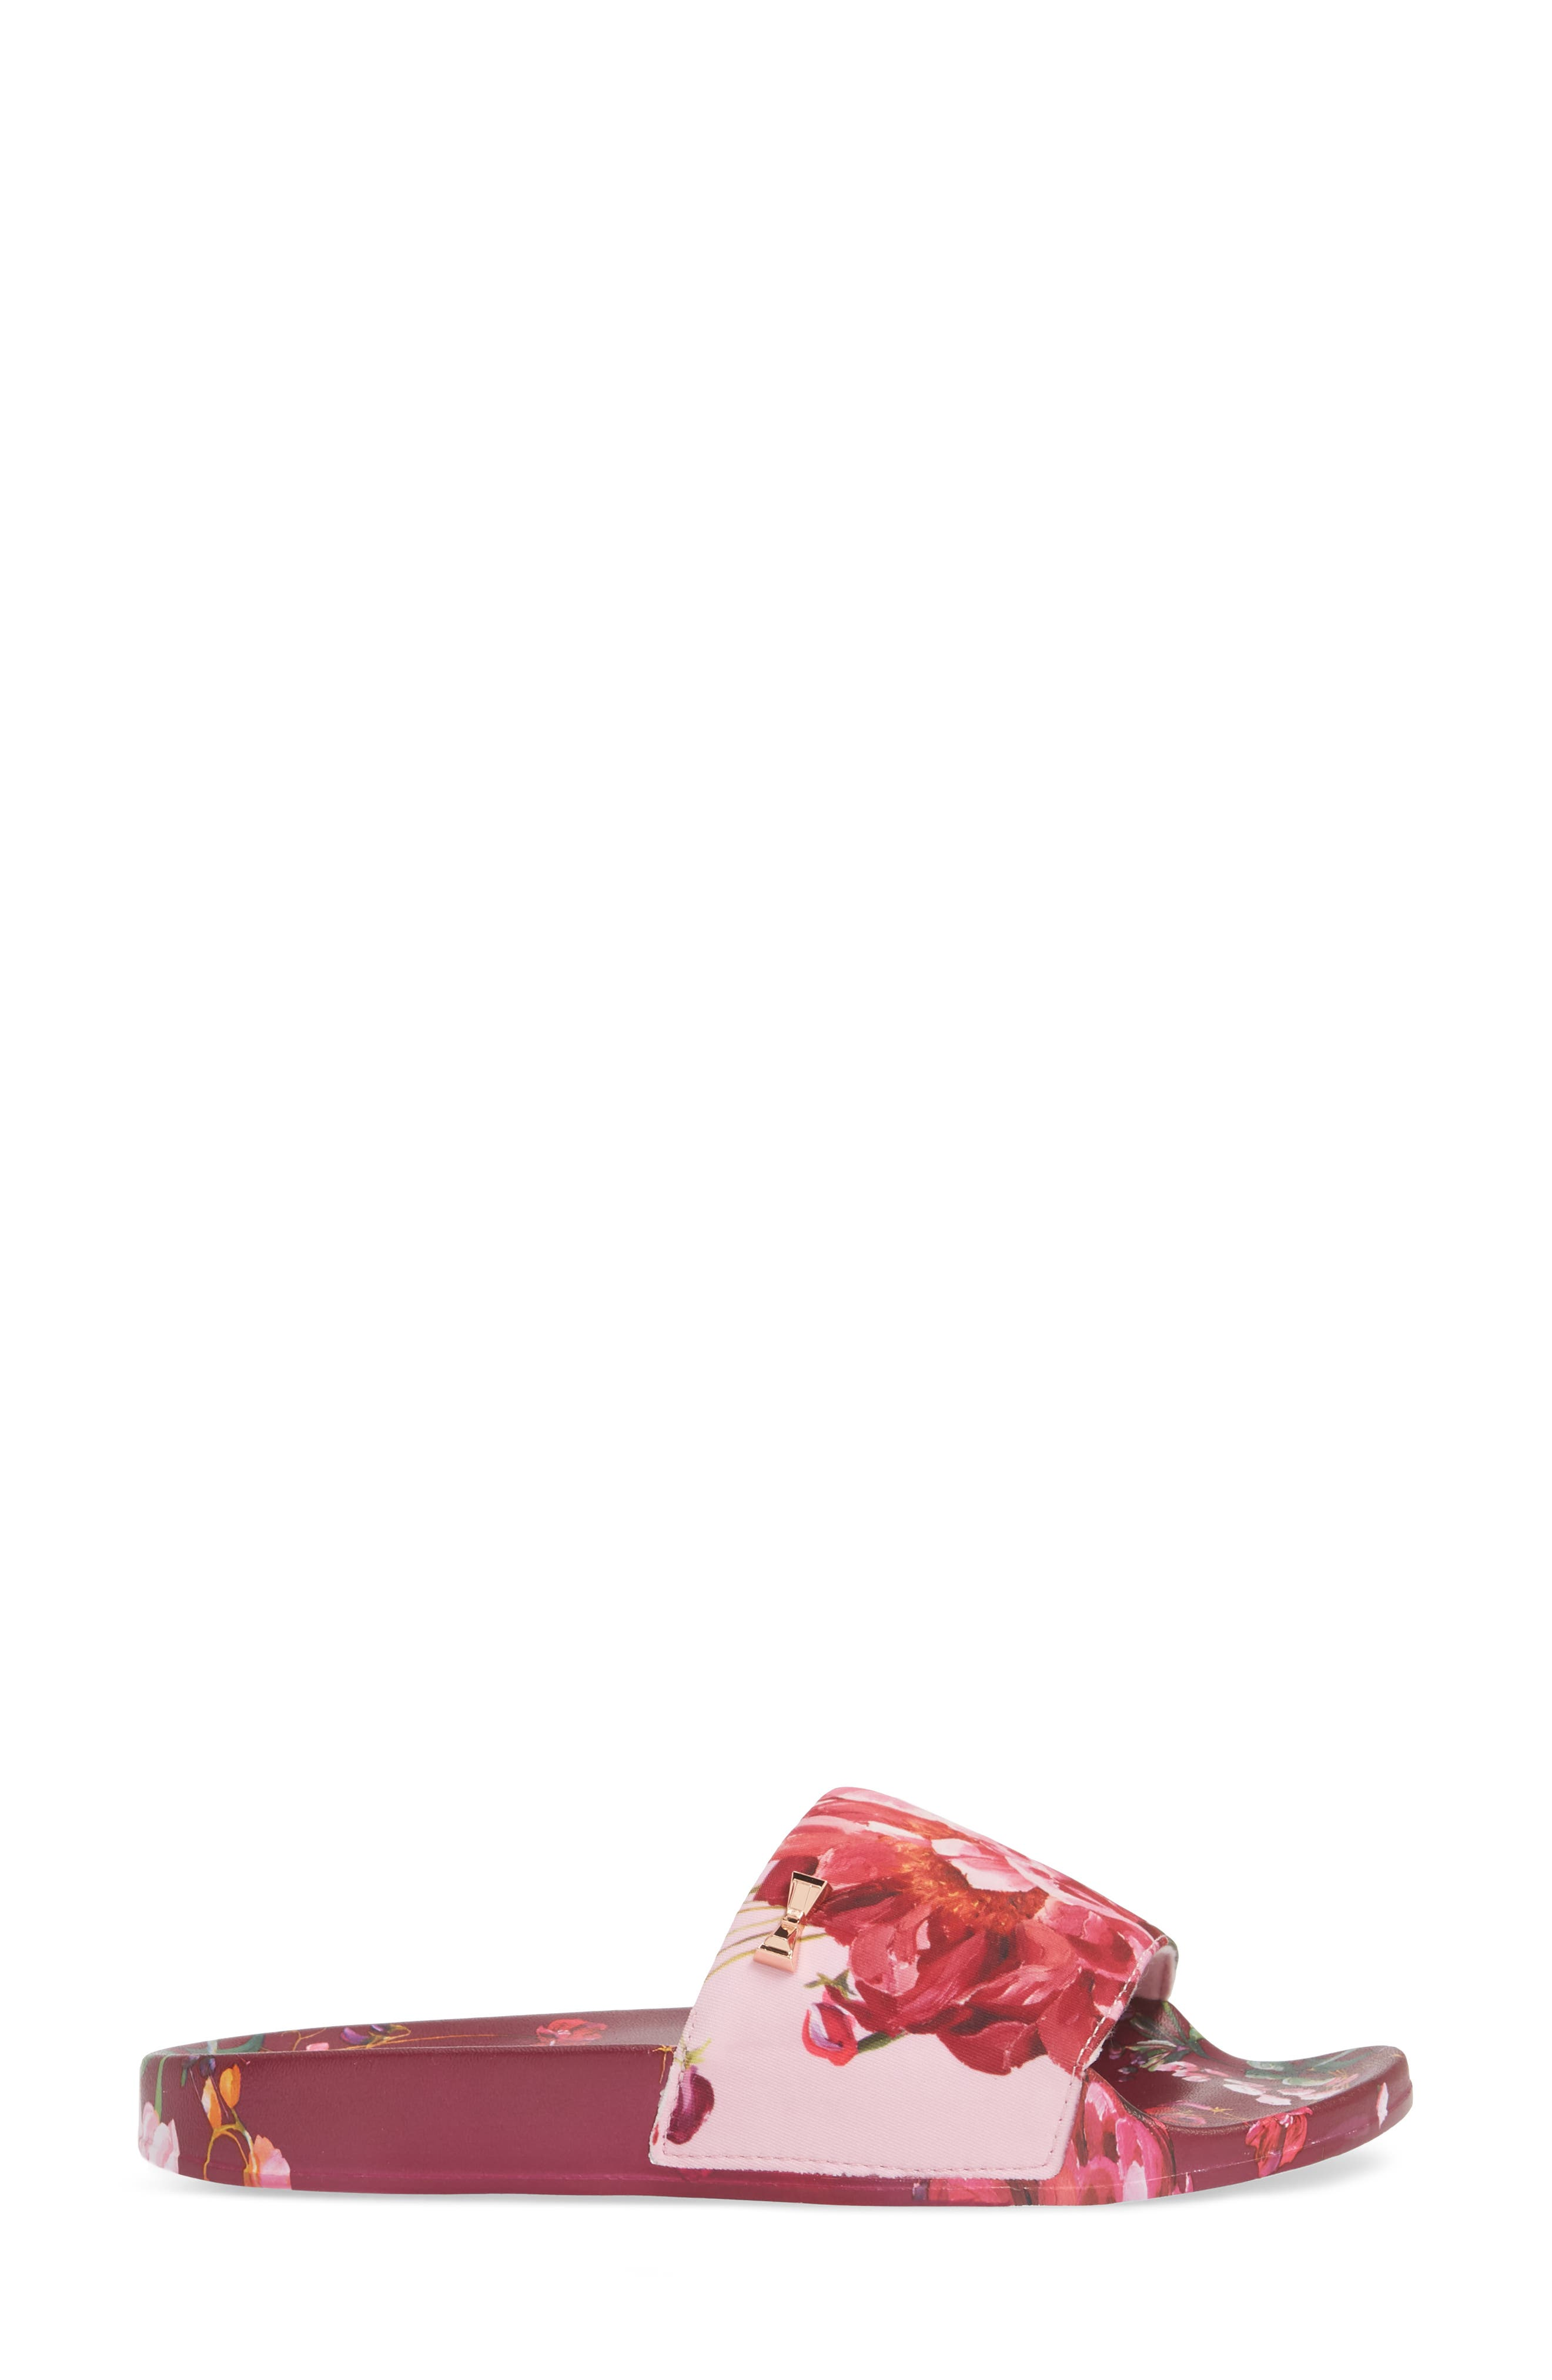 Qarla Slide Sandal,                             Alternate thumbnail 3, color,                             650